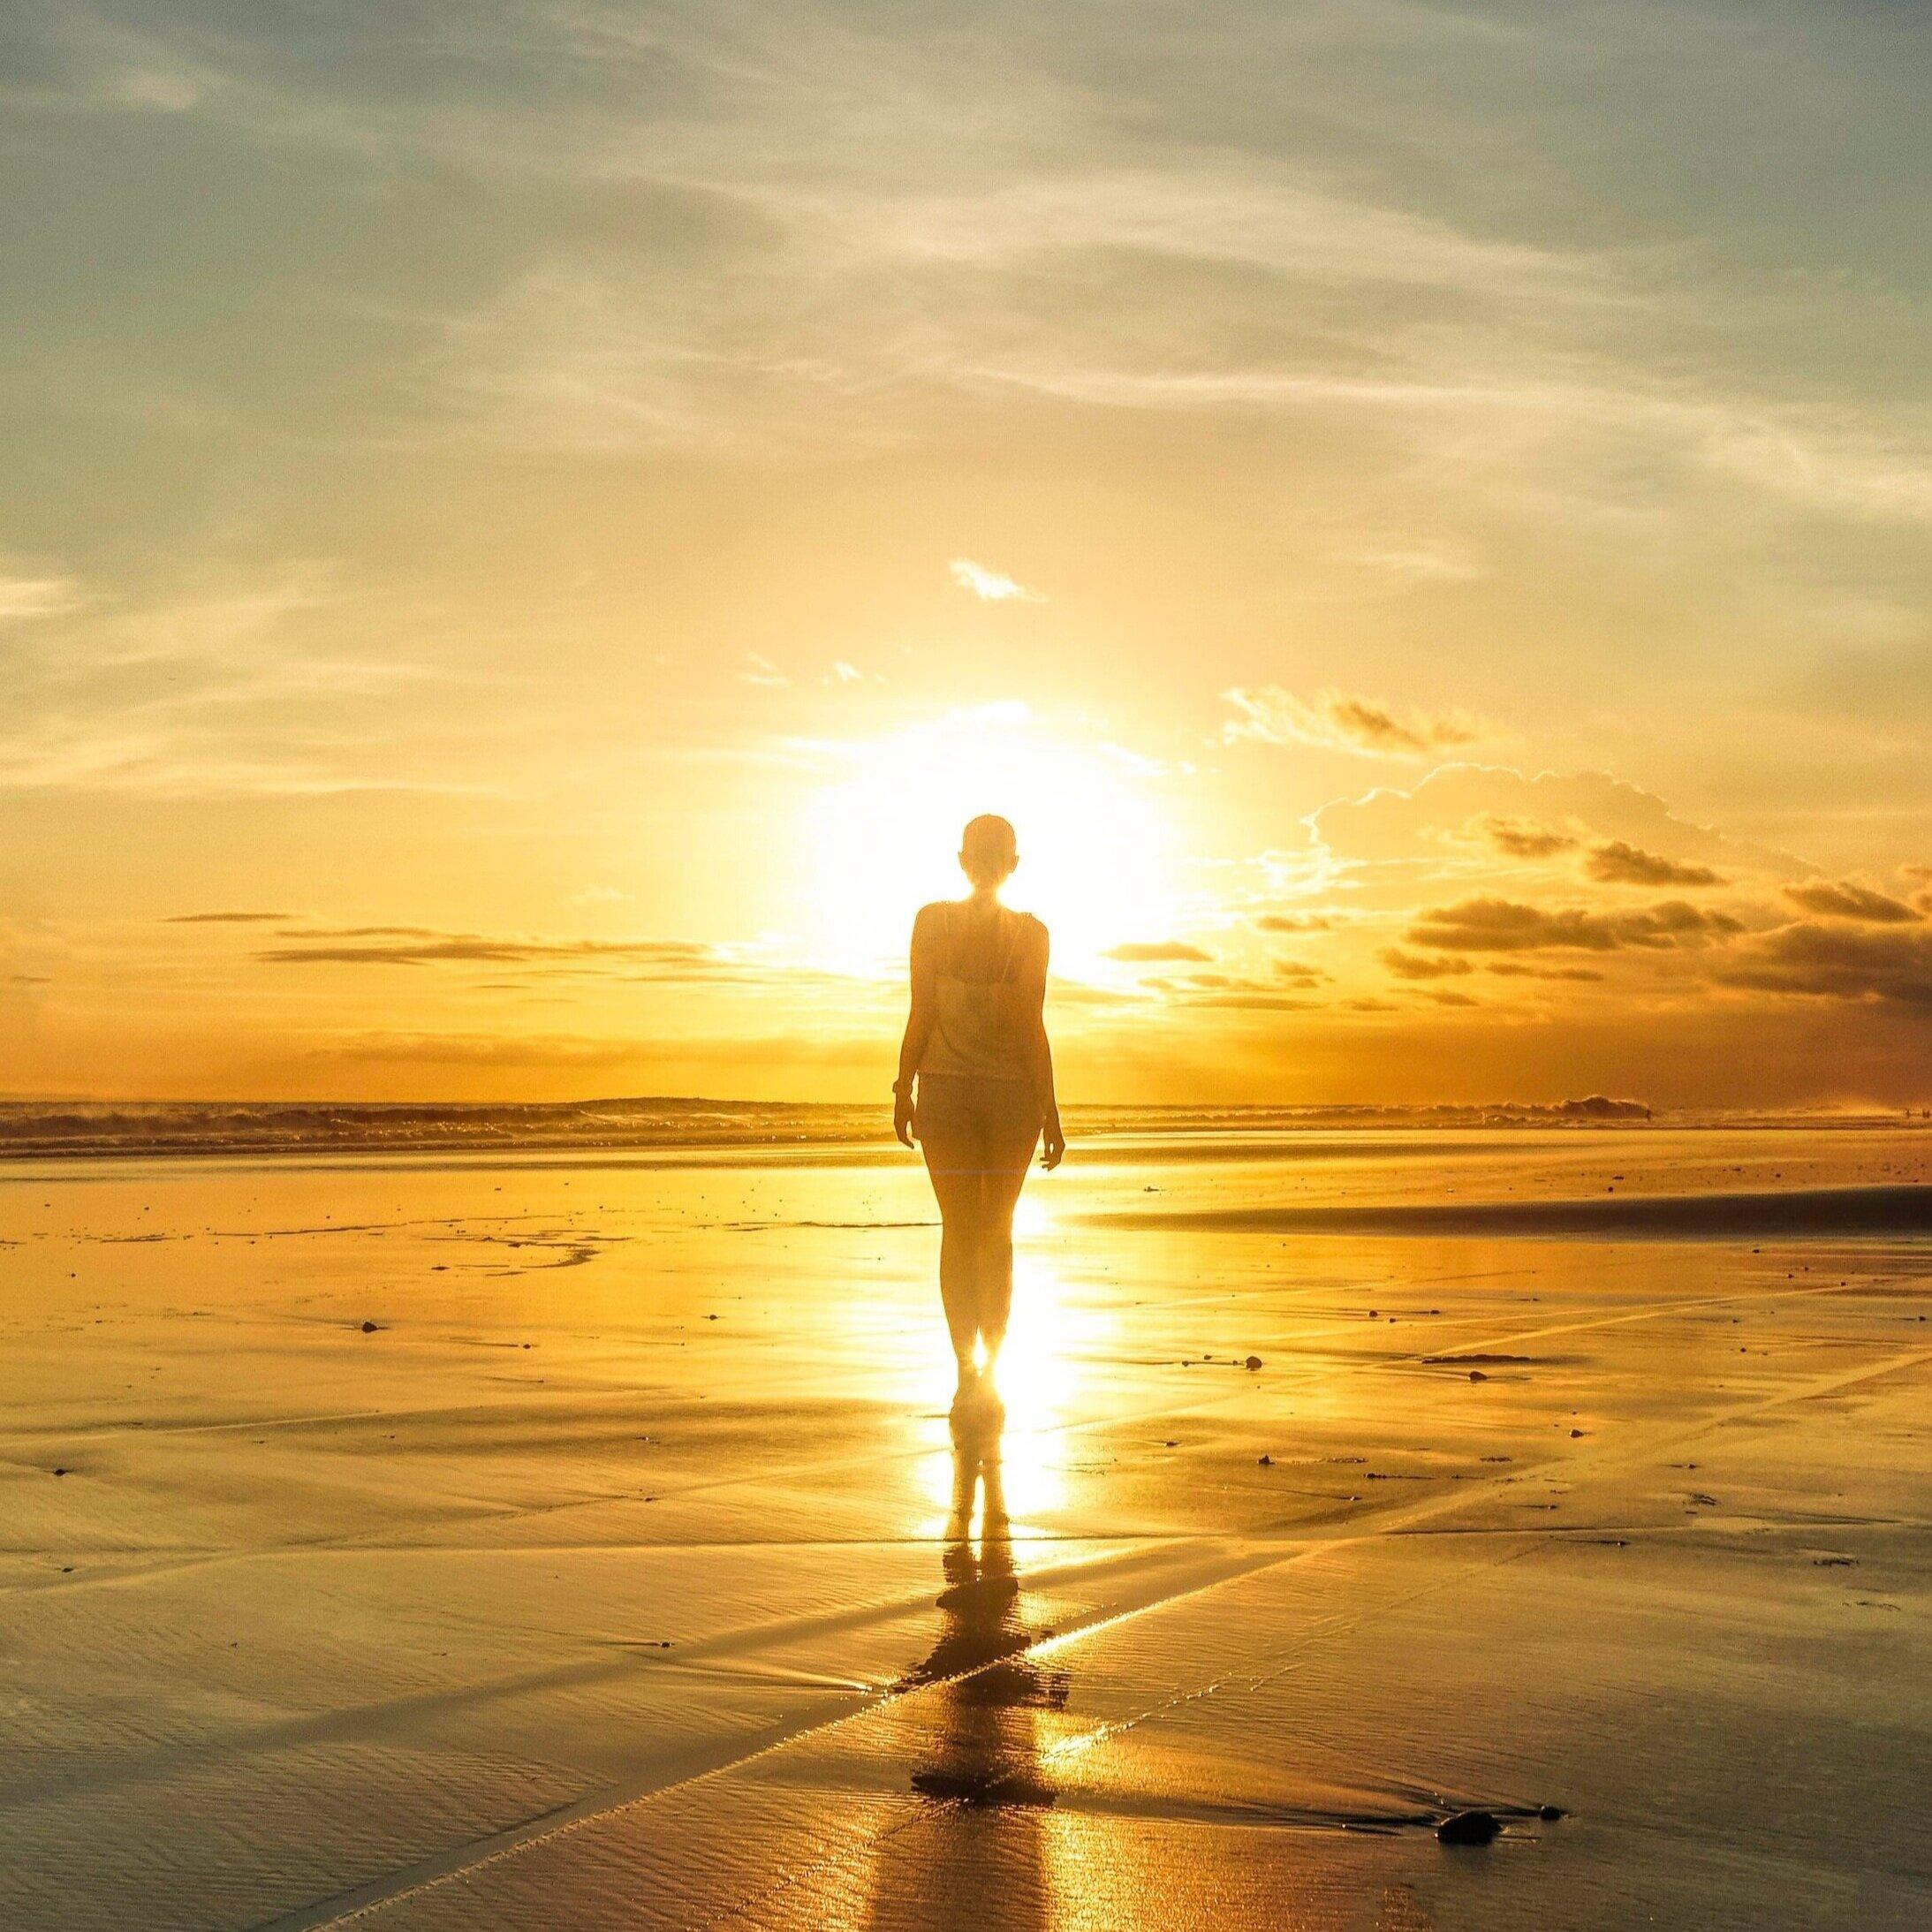 backlit-beach-dawn-2123175.jpg